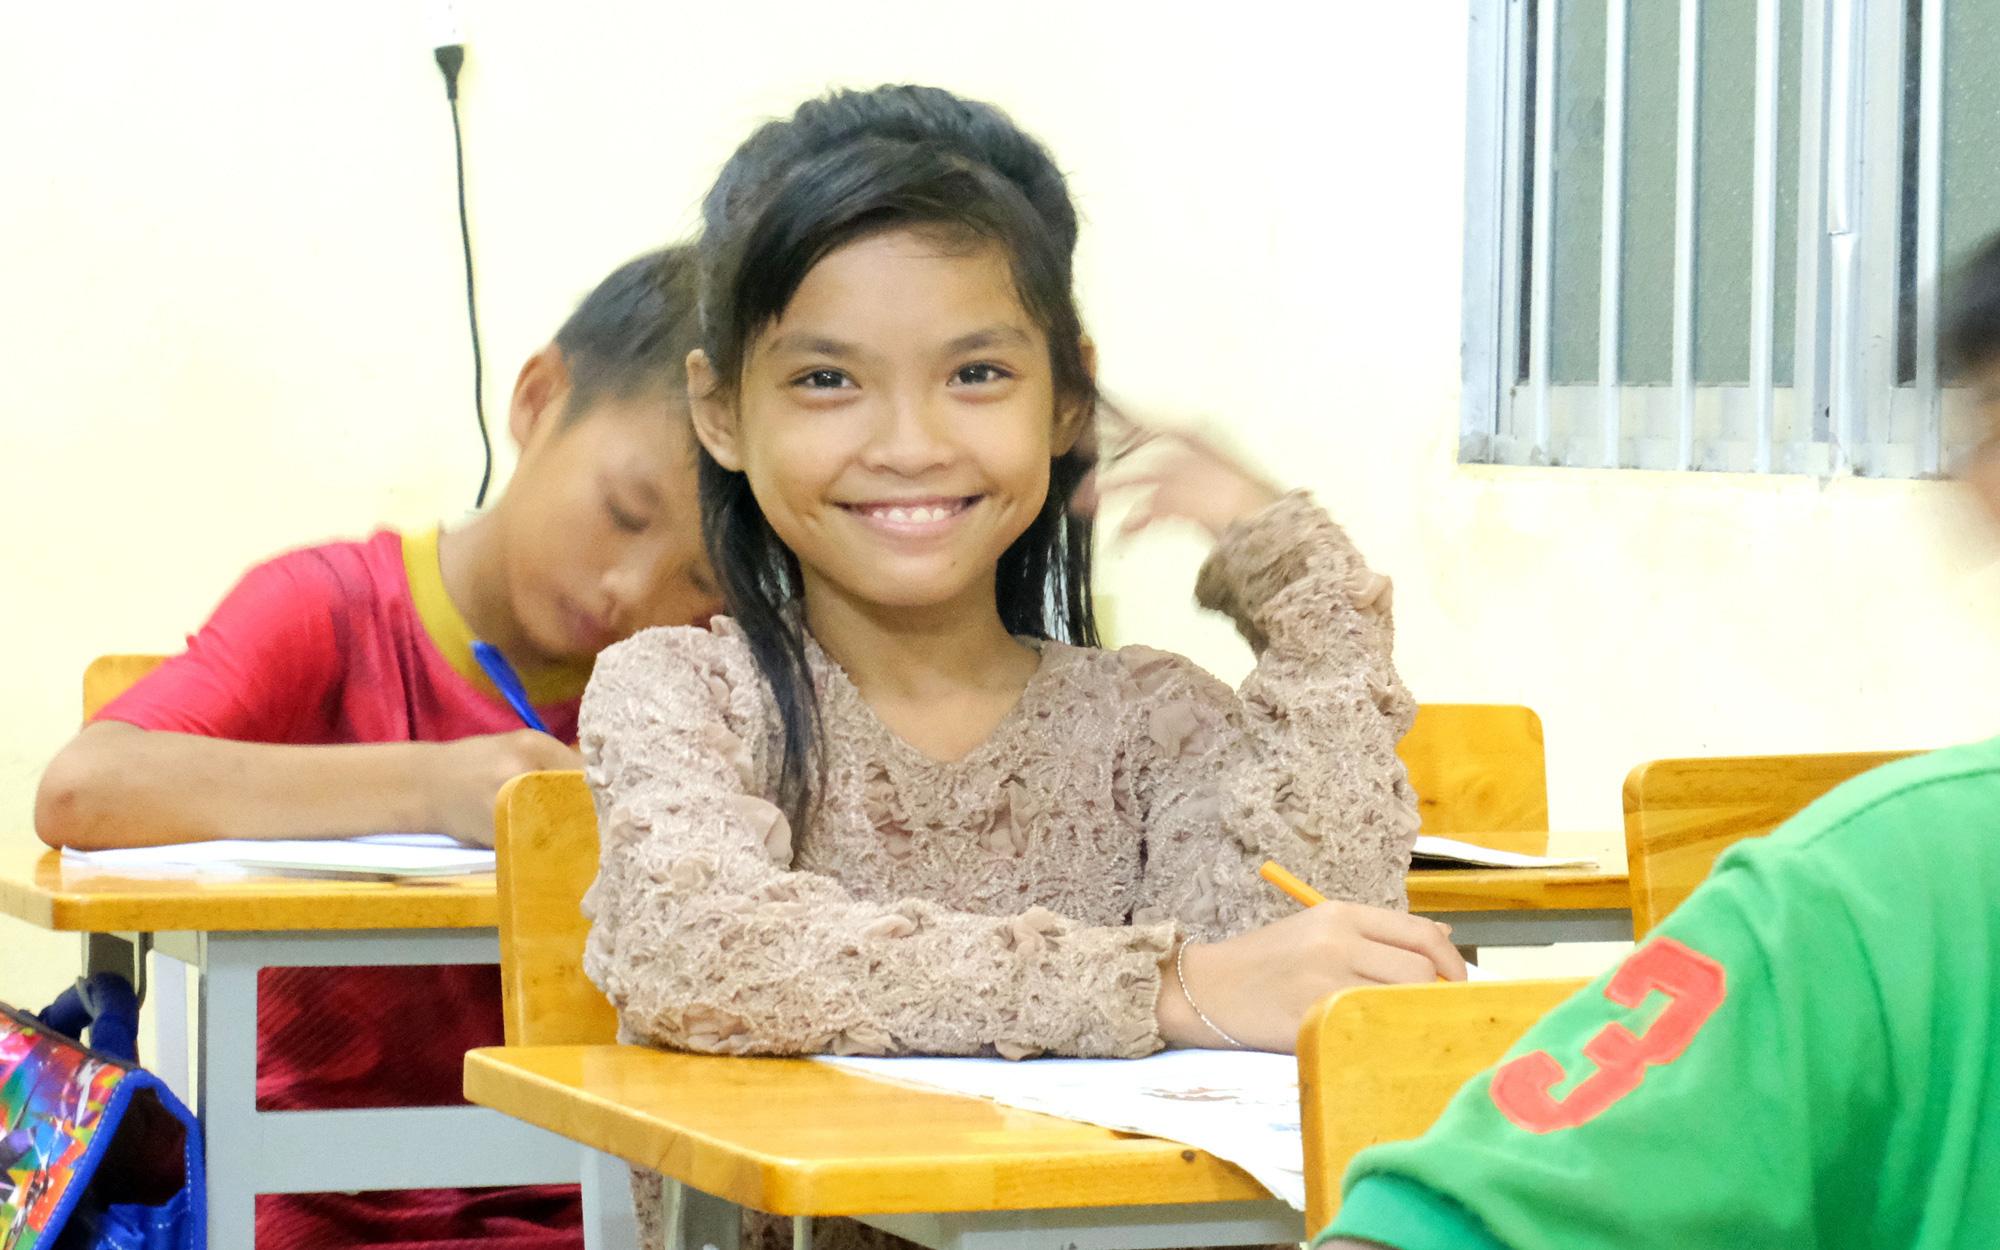 """Lớp học chữ đồn biên phòng Tuyên Bình và mơ ước ngày cuối năm của trẻ em """"Việt kiều"""" miền Tây"""